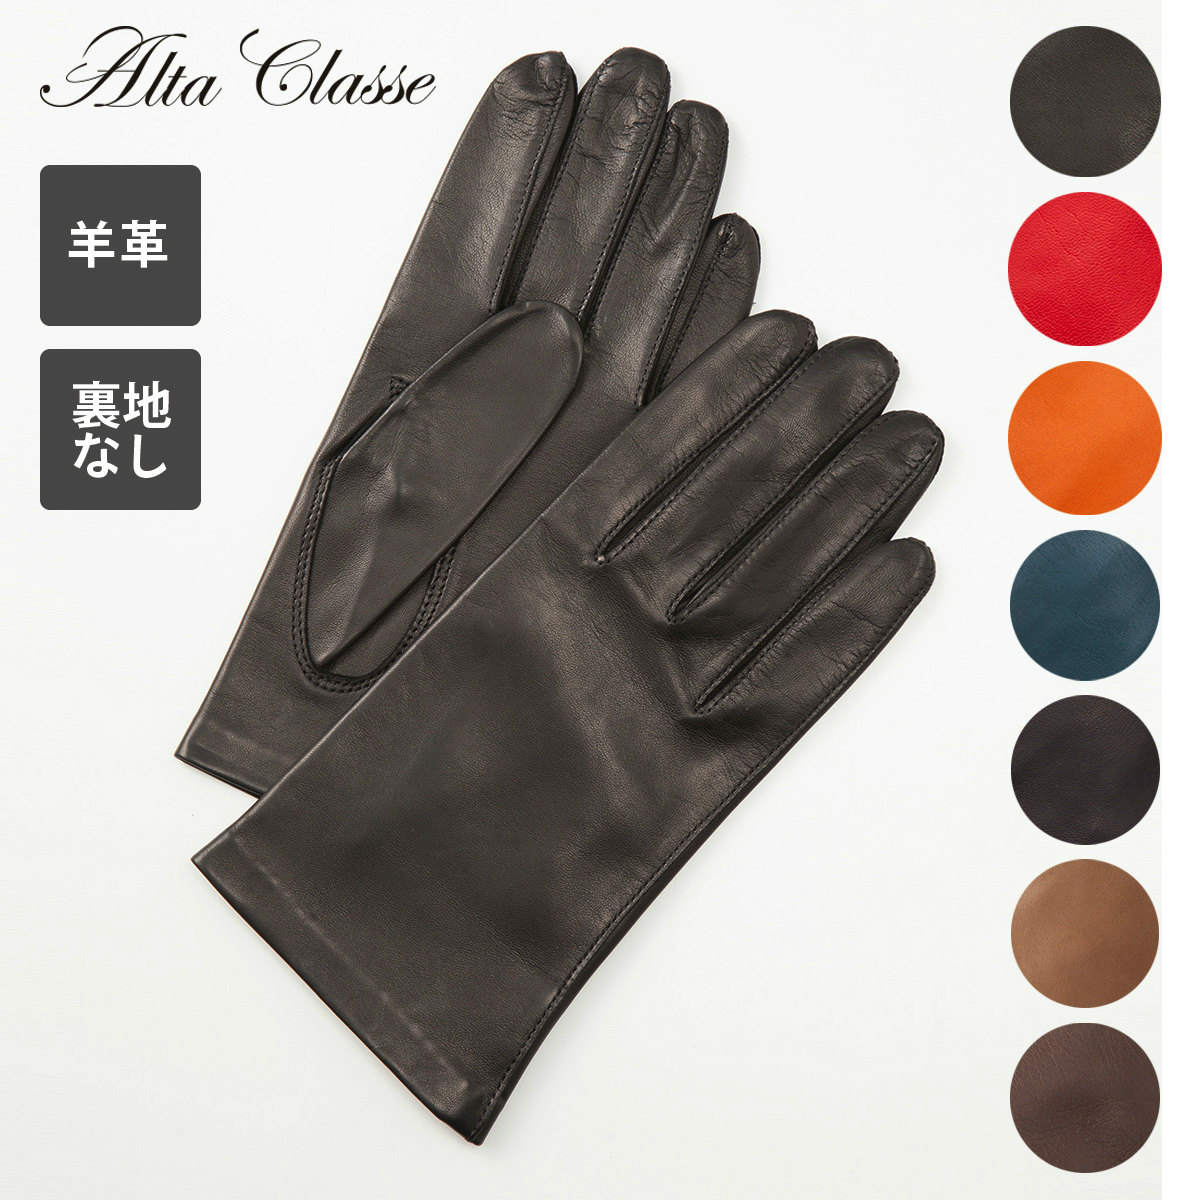 【 送料無料 】 アルタクラッセ カプリガンティメンズ 男性用本革手袋 | 革手袋 てぶくろ ギフト プレゼント裏地無しブラック おしゃれ ビジネス